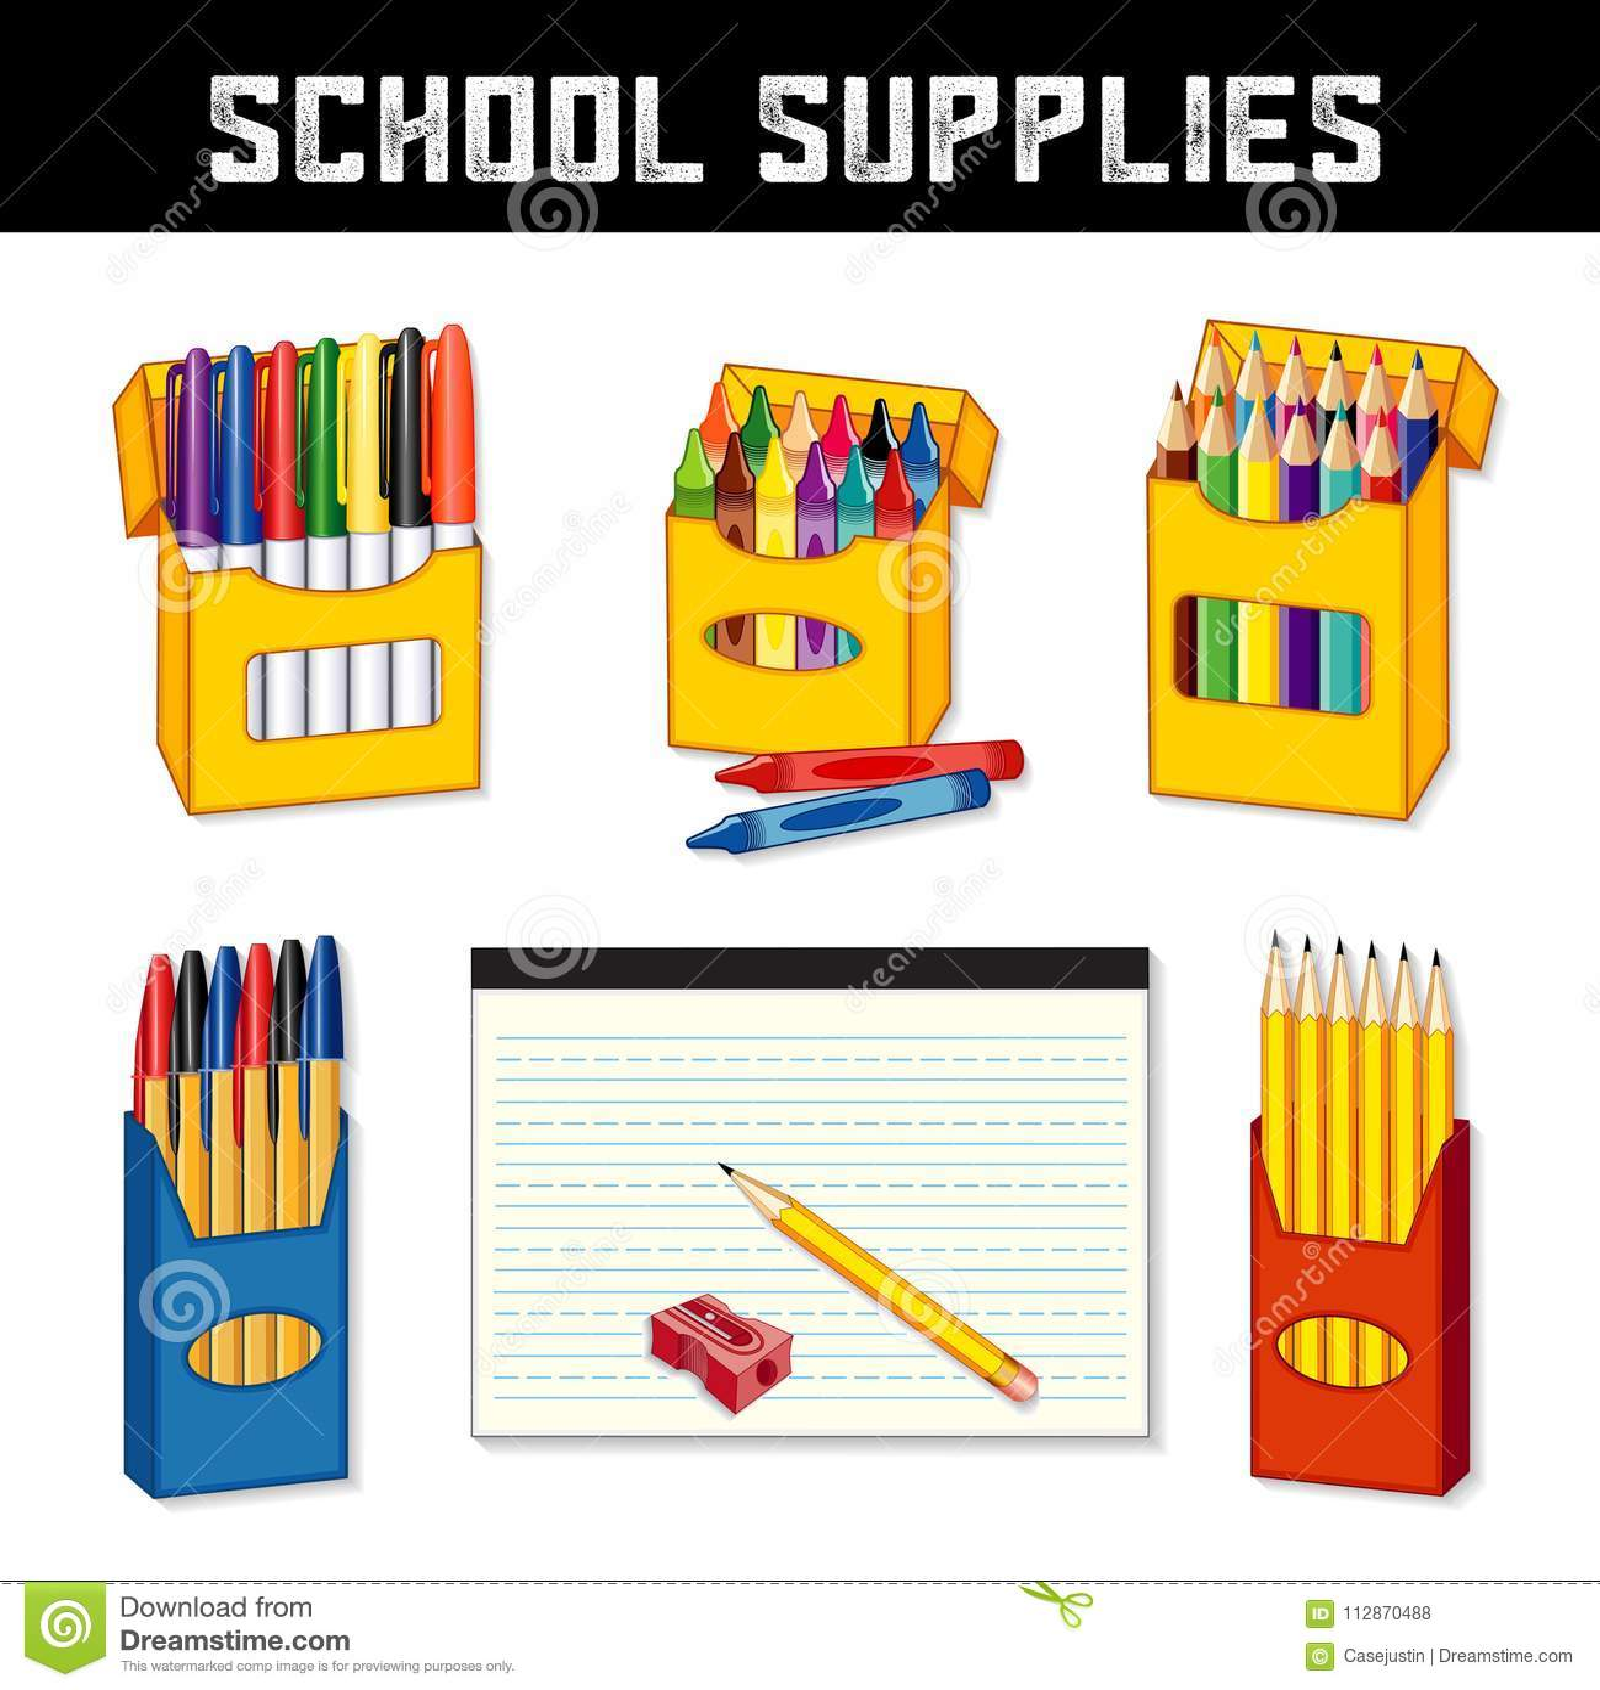 Школьные принадлежности, отметки, Crayons, ручки, карандаши, выровняли бумагу